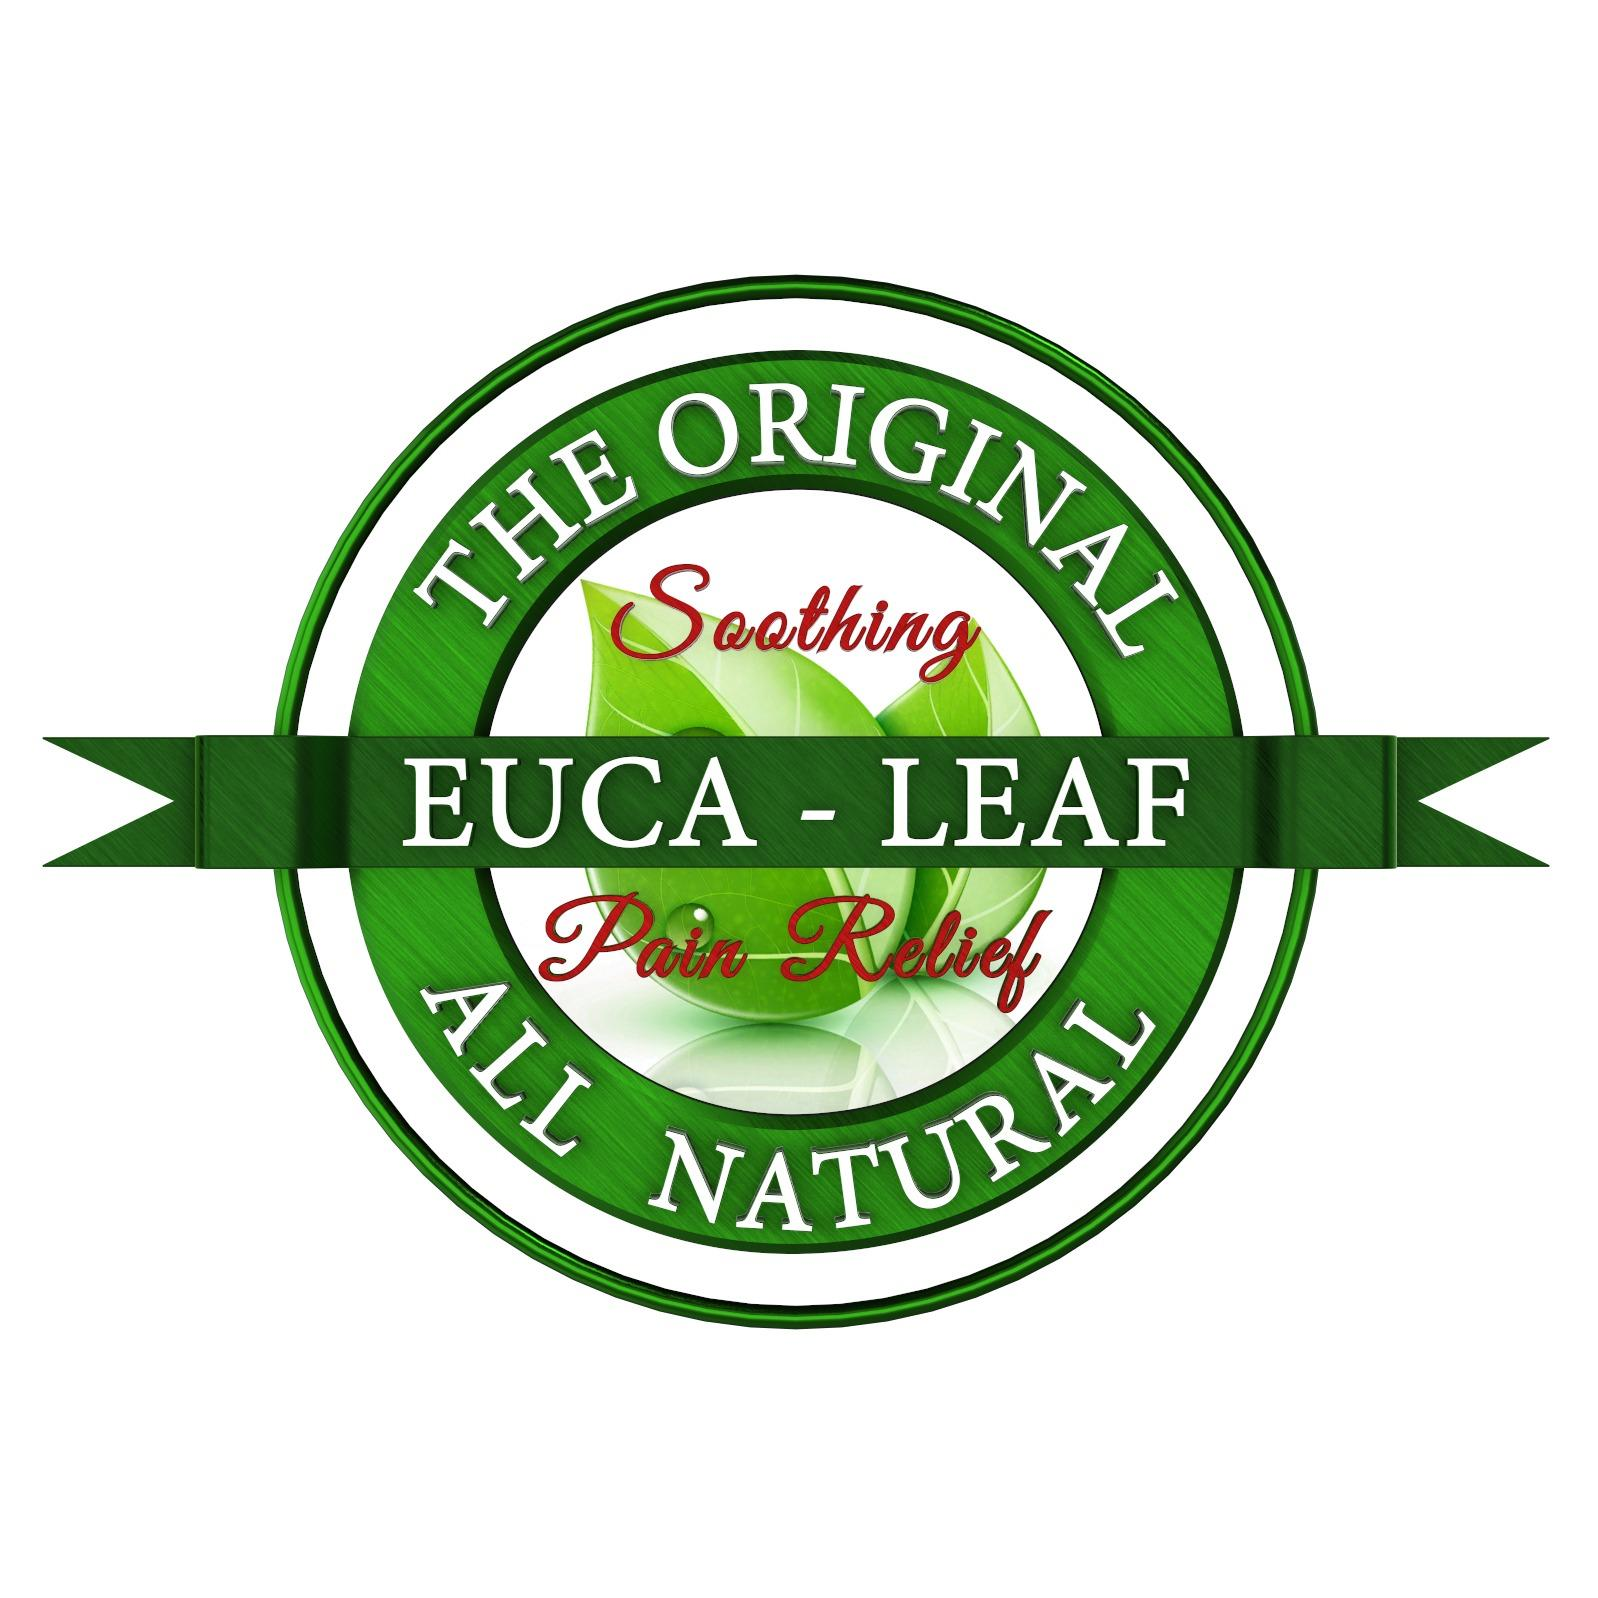 Euca-Leaf - Johnson City, TN 37601 - (423)429-3111 | ShowMeLocal.com